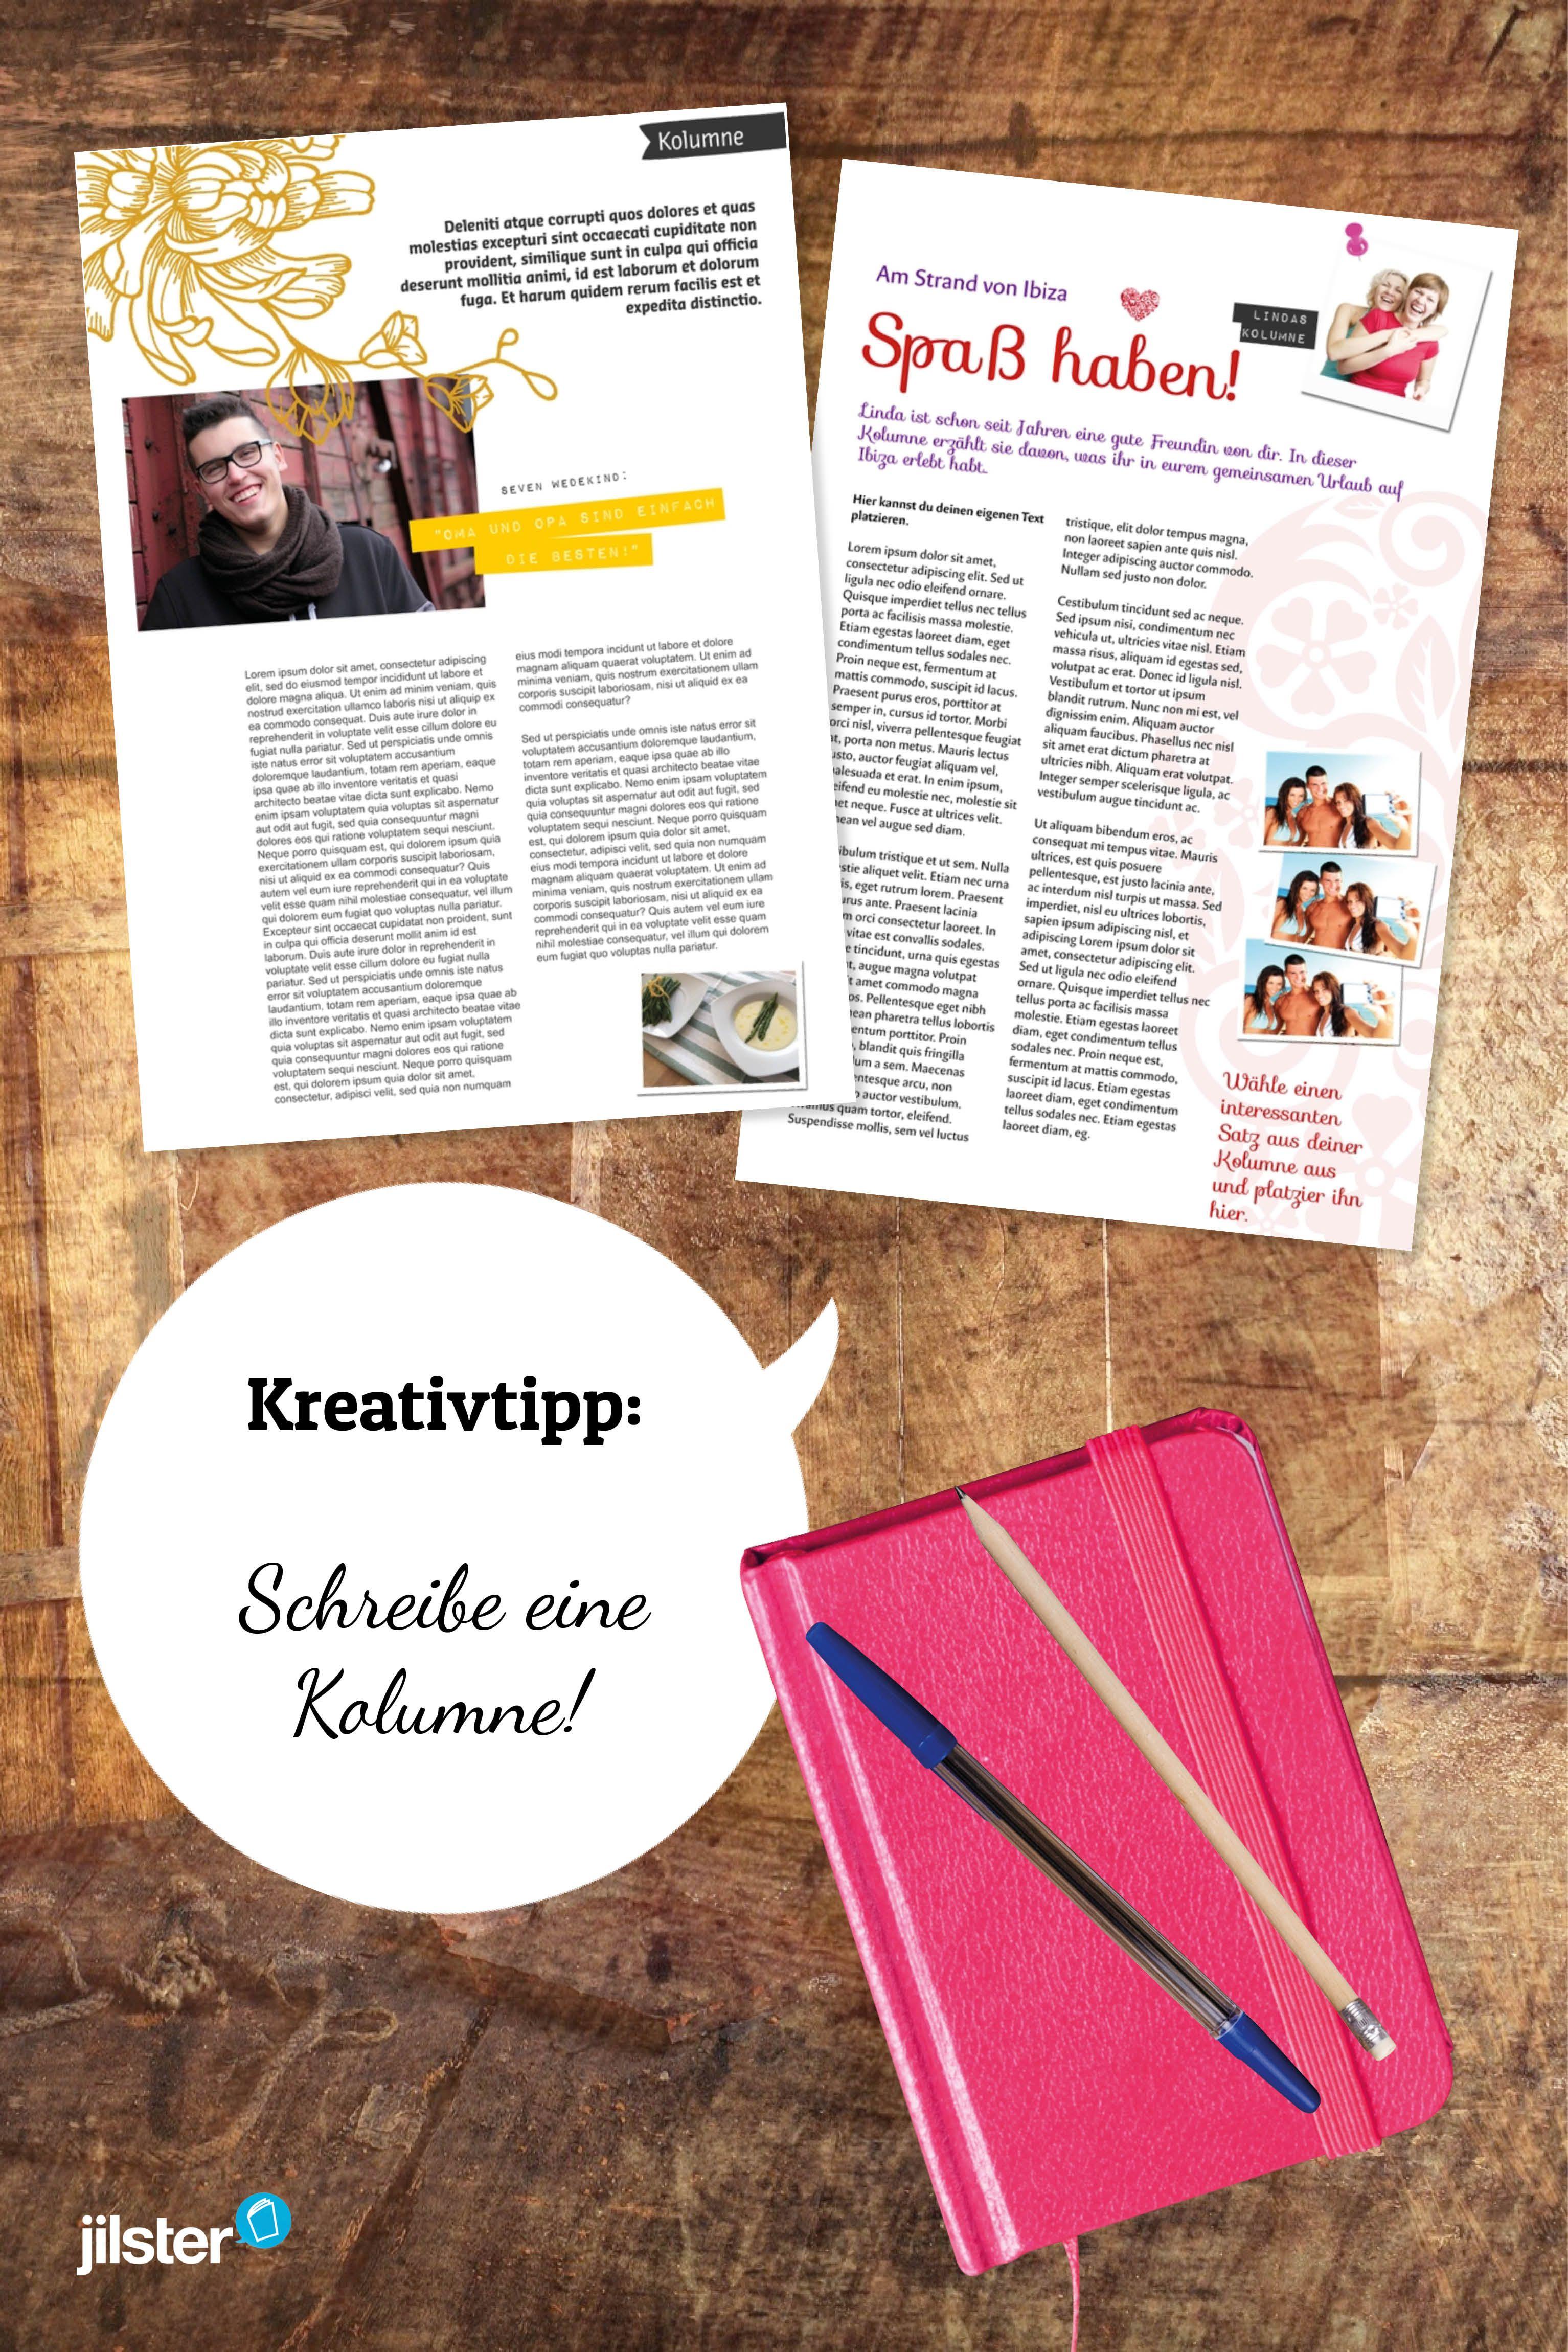 Kolumne Schreiben Textarten Zeitschrift Jilster Blog Zeitschriften Neuer Job Textarten